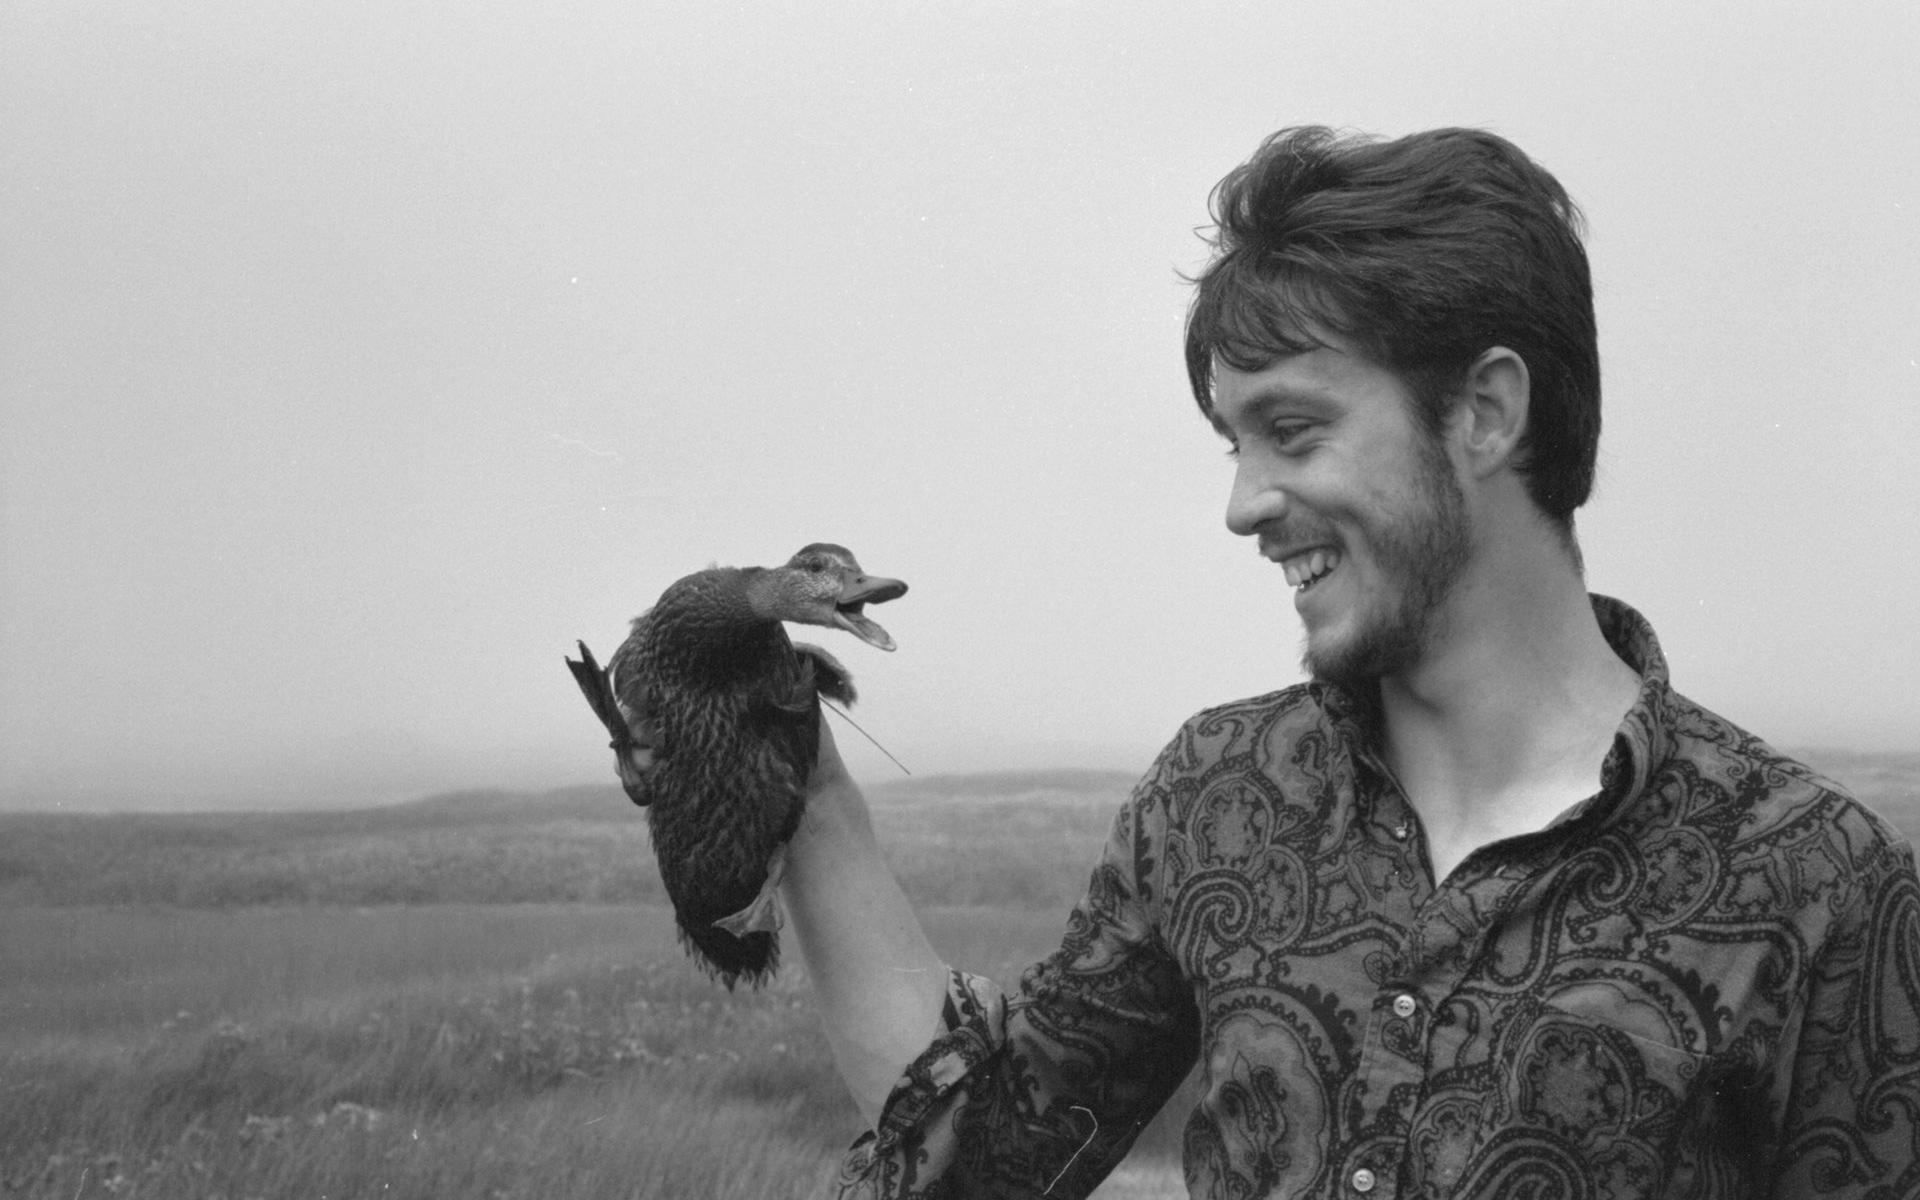 Pierre Norris de la station météorologue replace un caneton sauvage sur le nid.